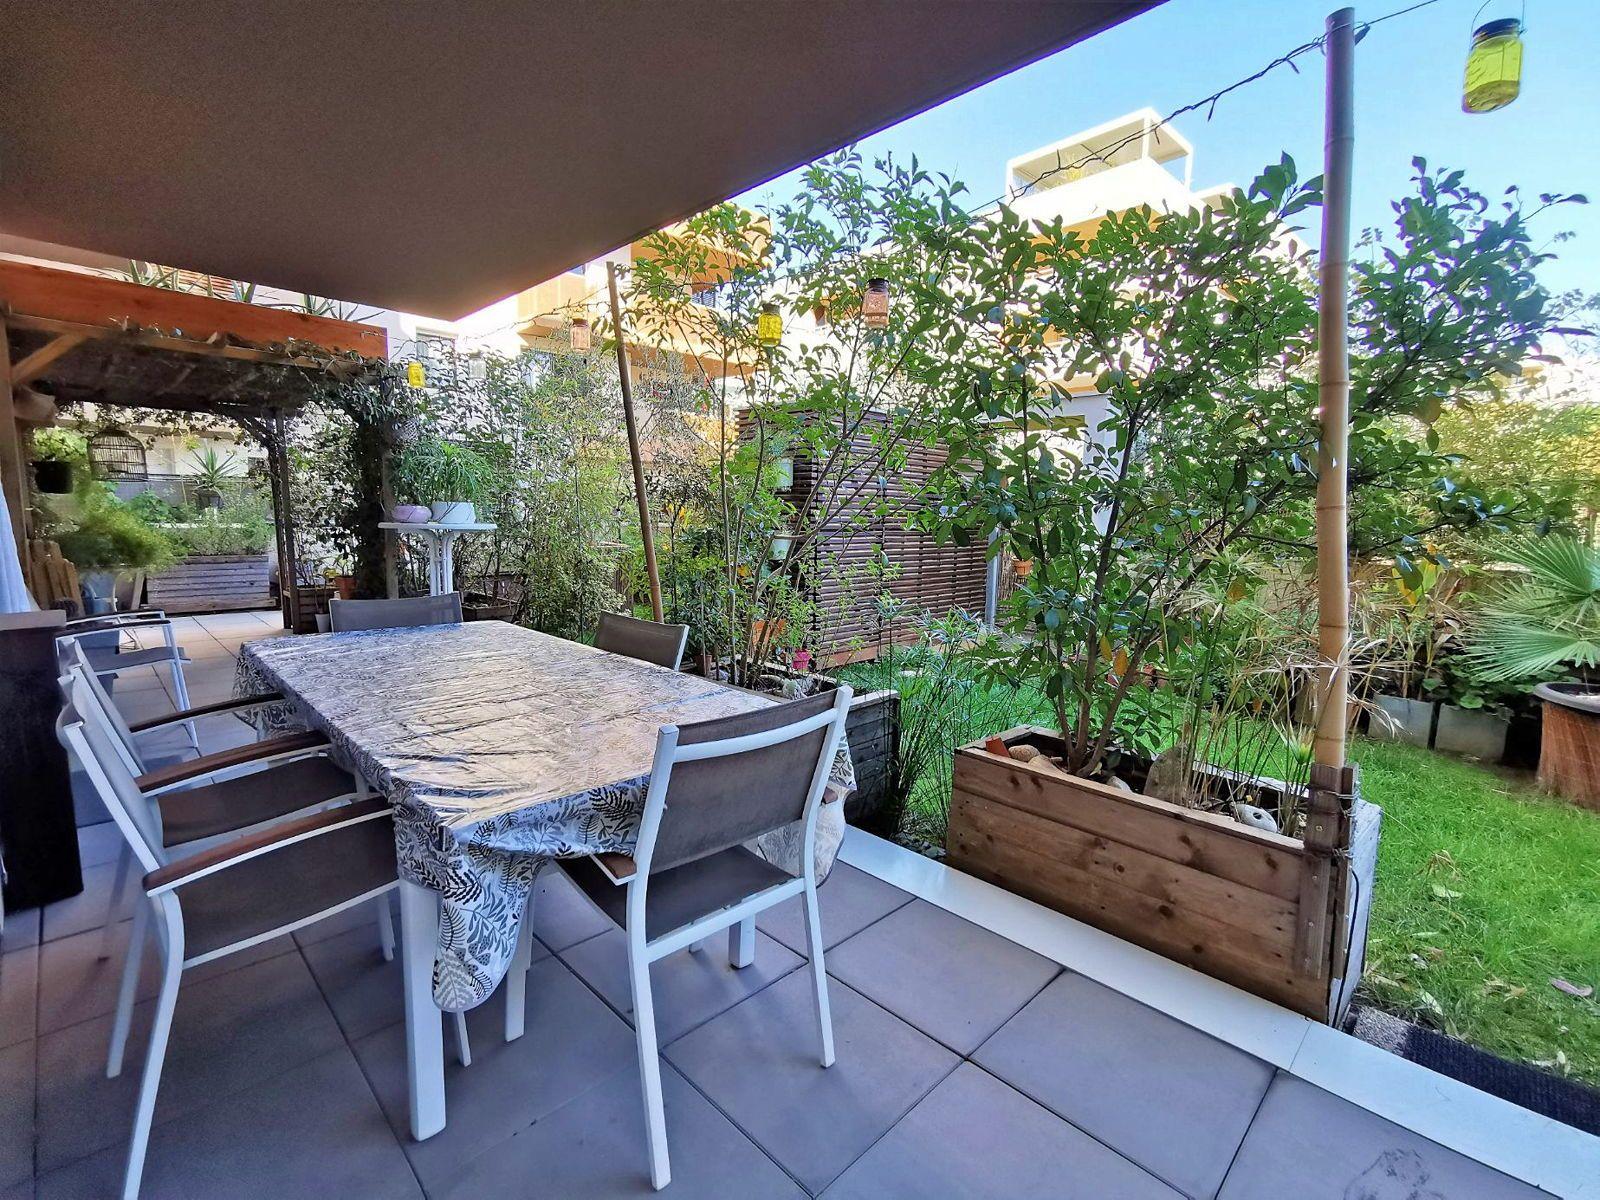 Vends un beau rez-de-jardin sur Montpellier Ovalie - 2chambres, 68m²